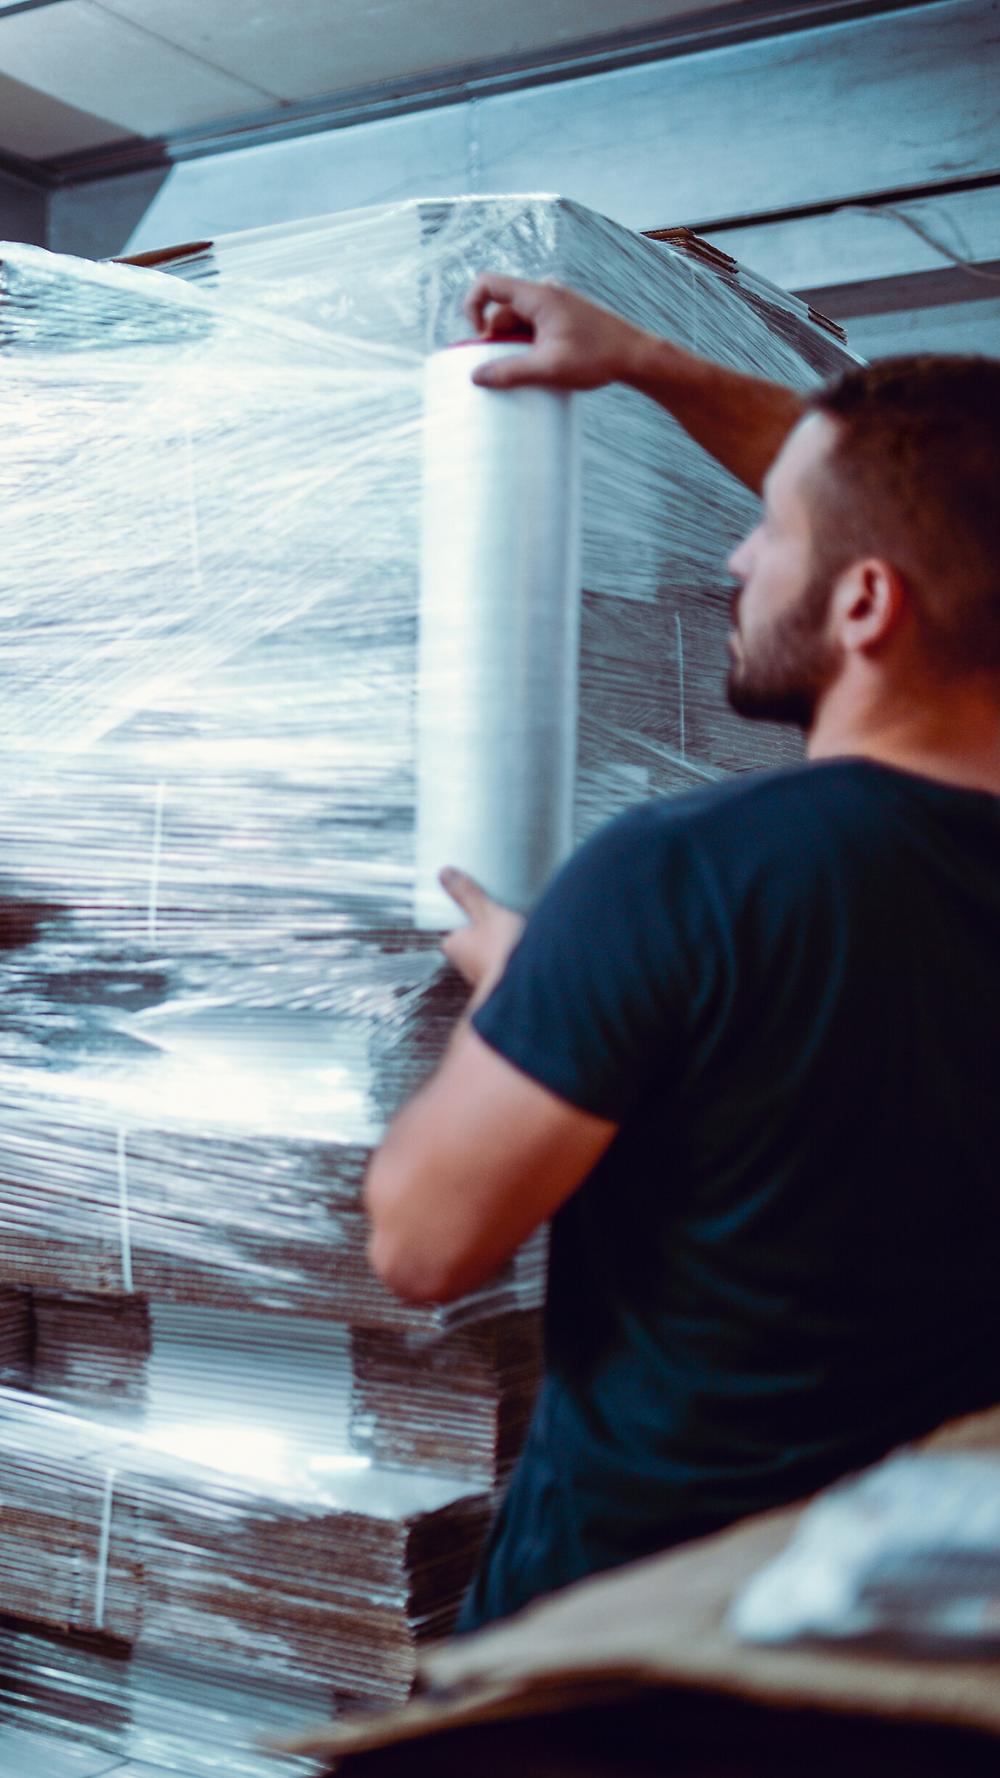 Mann umspannt eine beladene Palette mit durchsichtiger Folie, Quelle: Canva